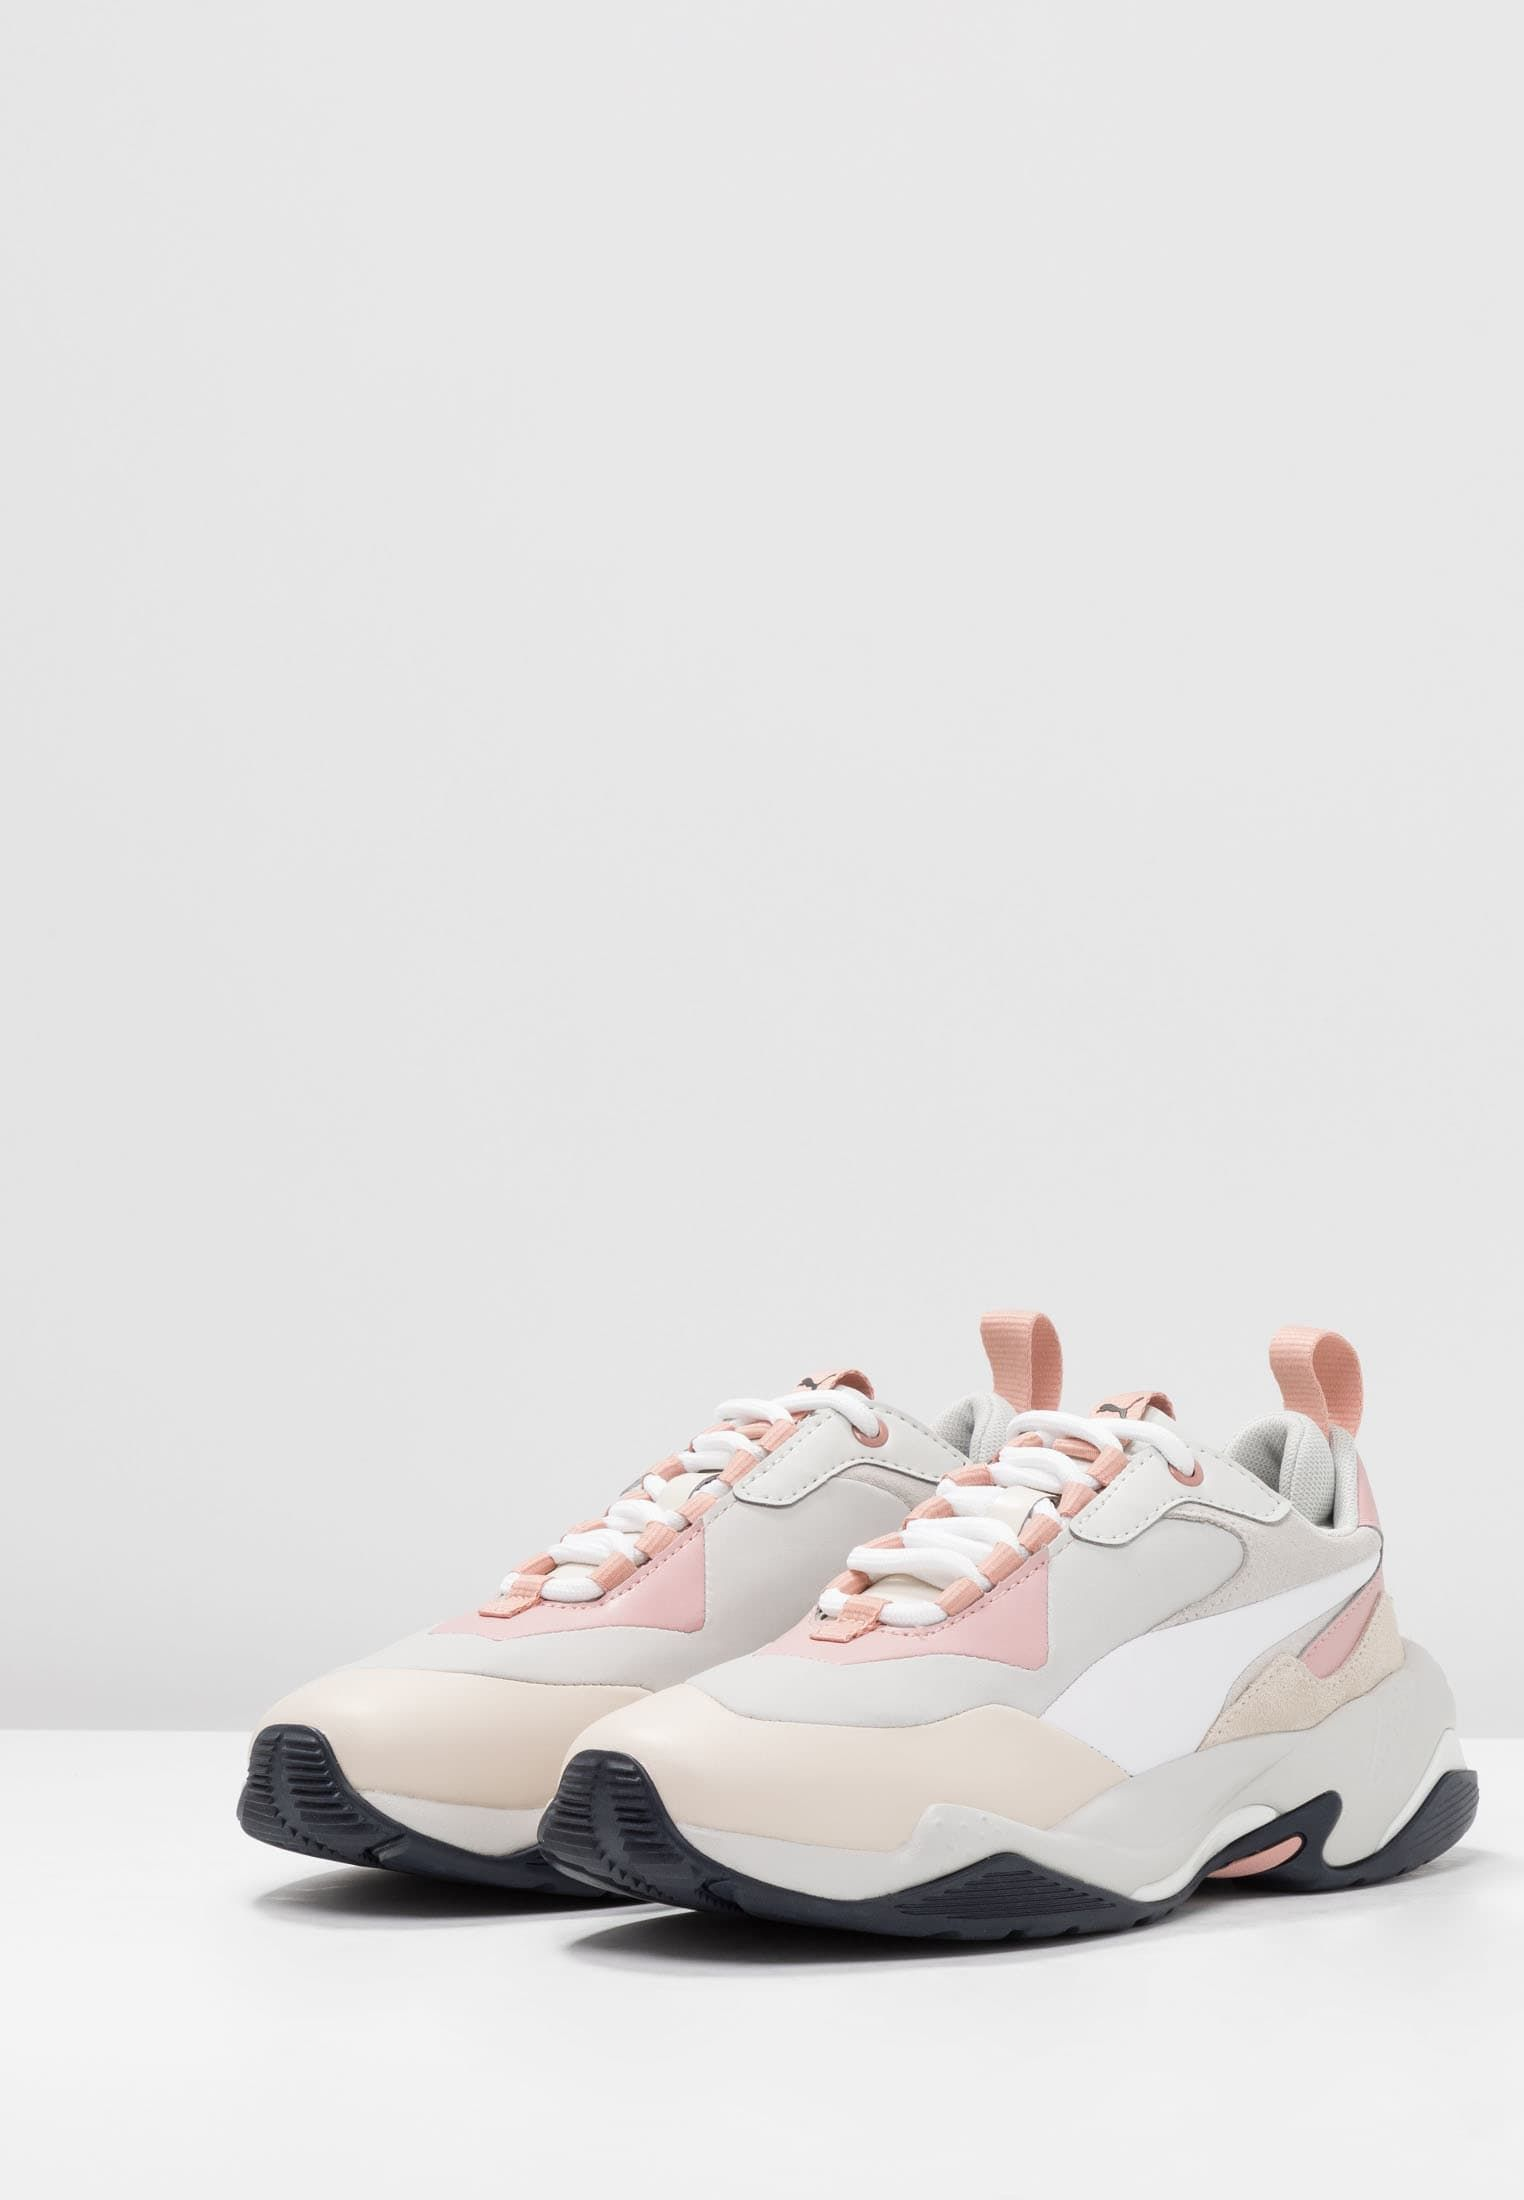 Épinglé sur !!!Sneakers!!!